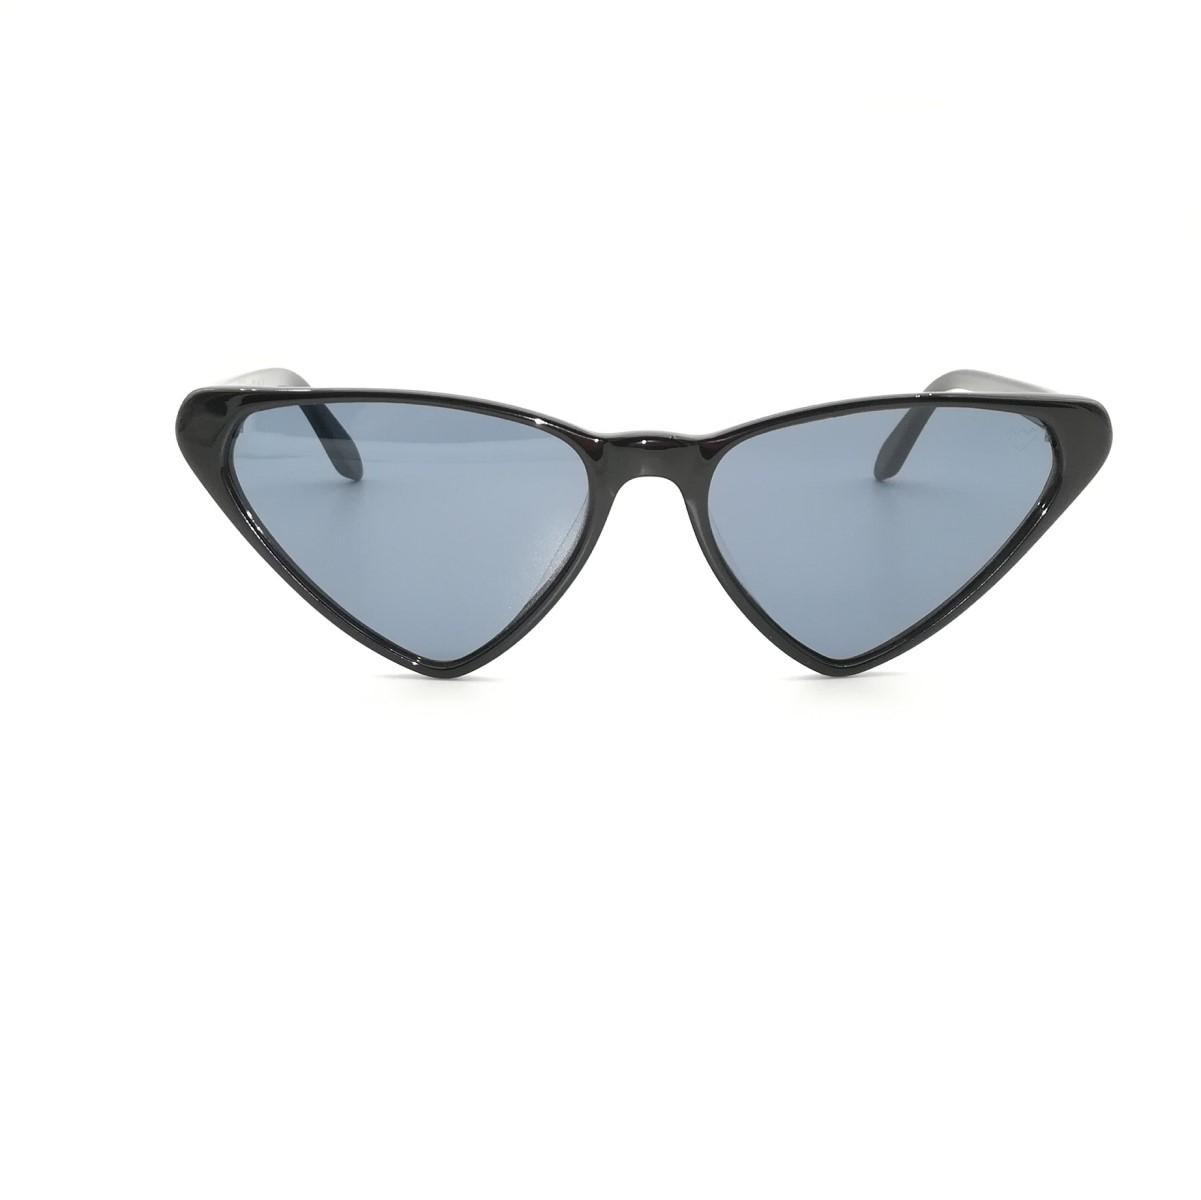 vendite all'ingrosso nuovi prodotti miglior sito web Spektre occhiale da sole donna Frida 01A - Ottica Di Nardo